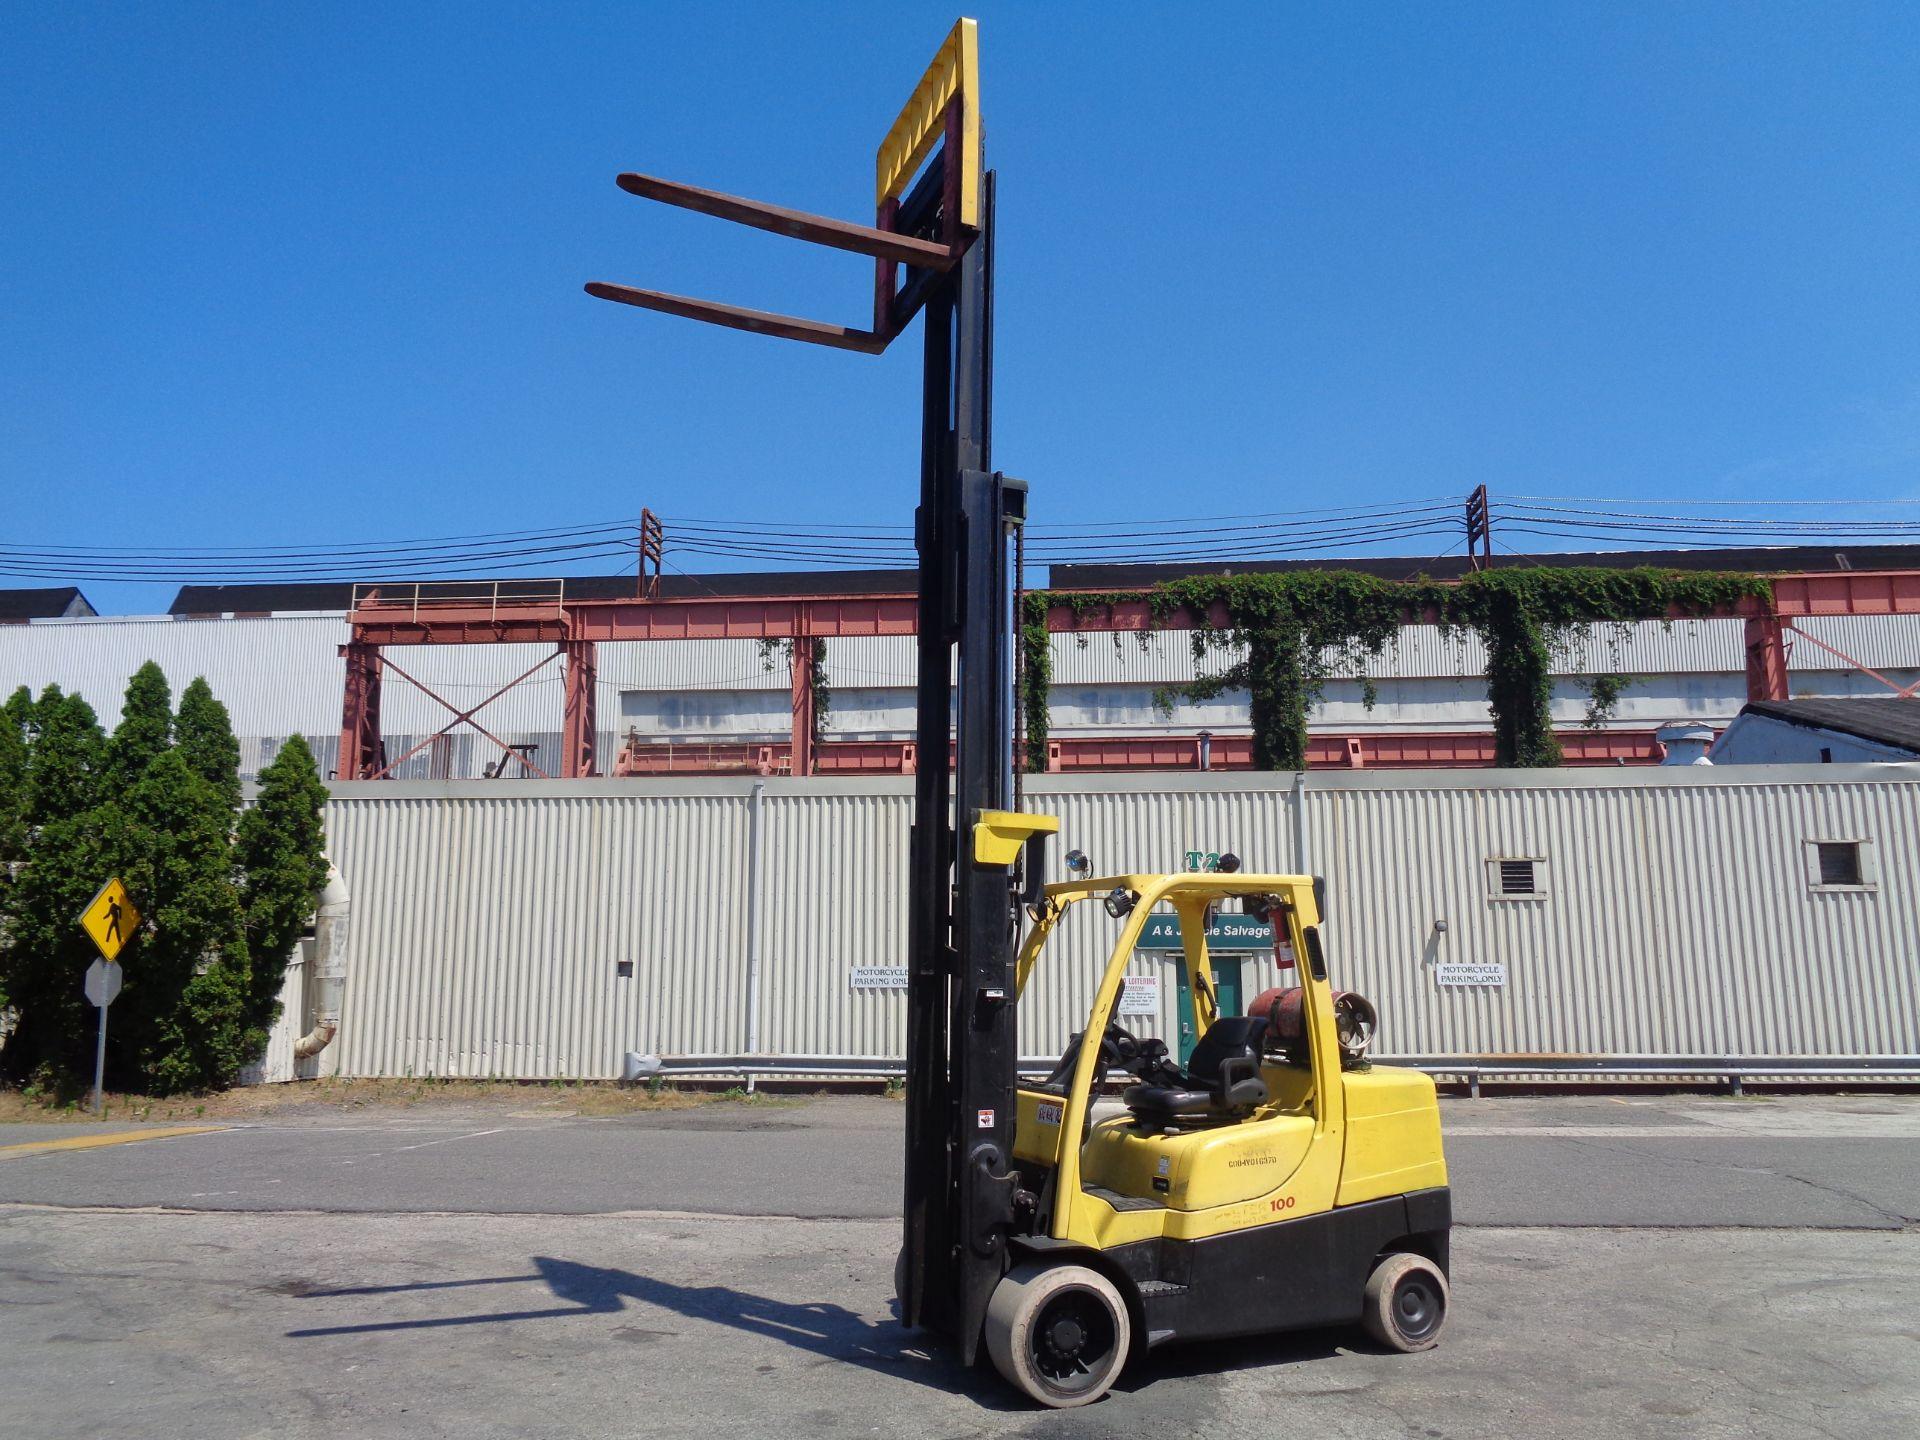 Hyster S100FT 10,000lb Forklift - Image 11 of 17